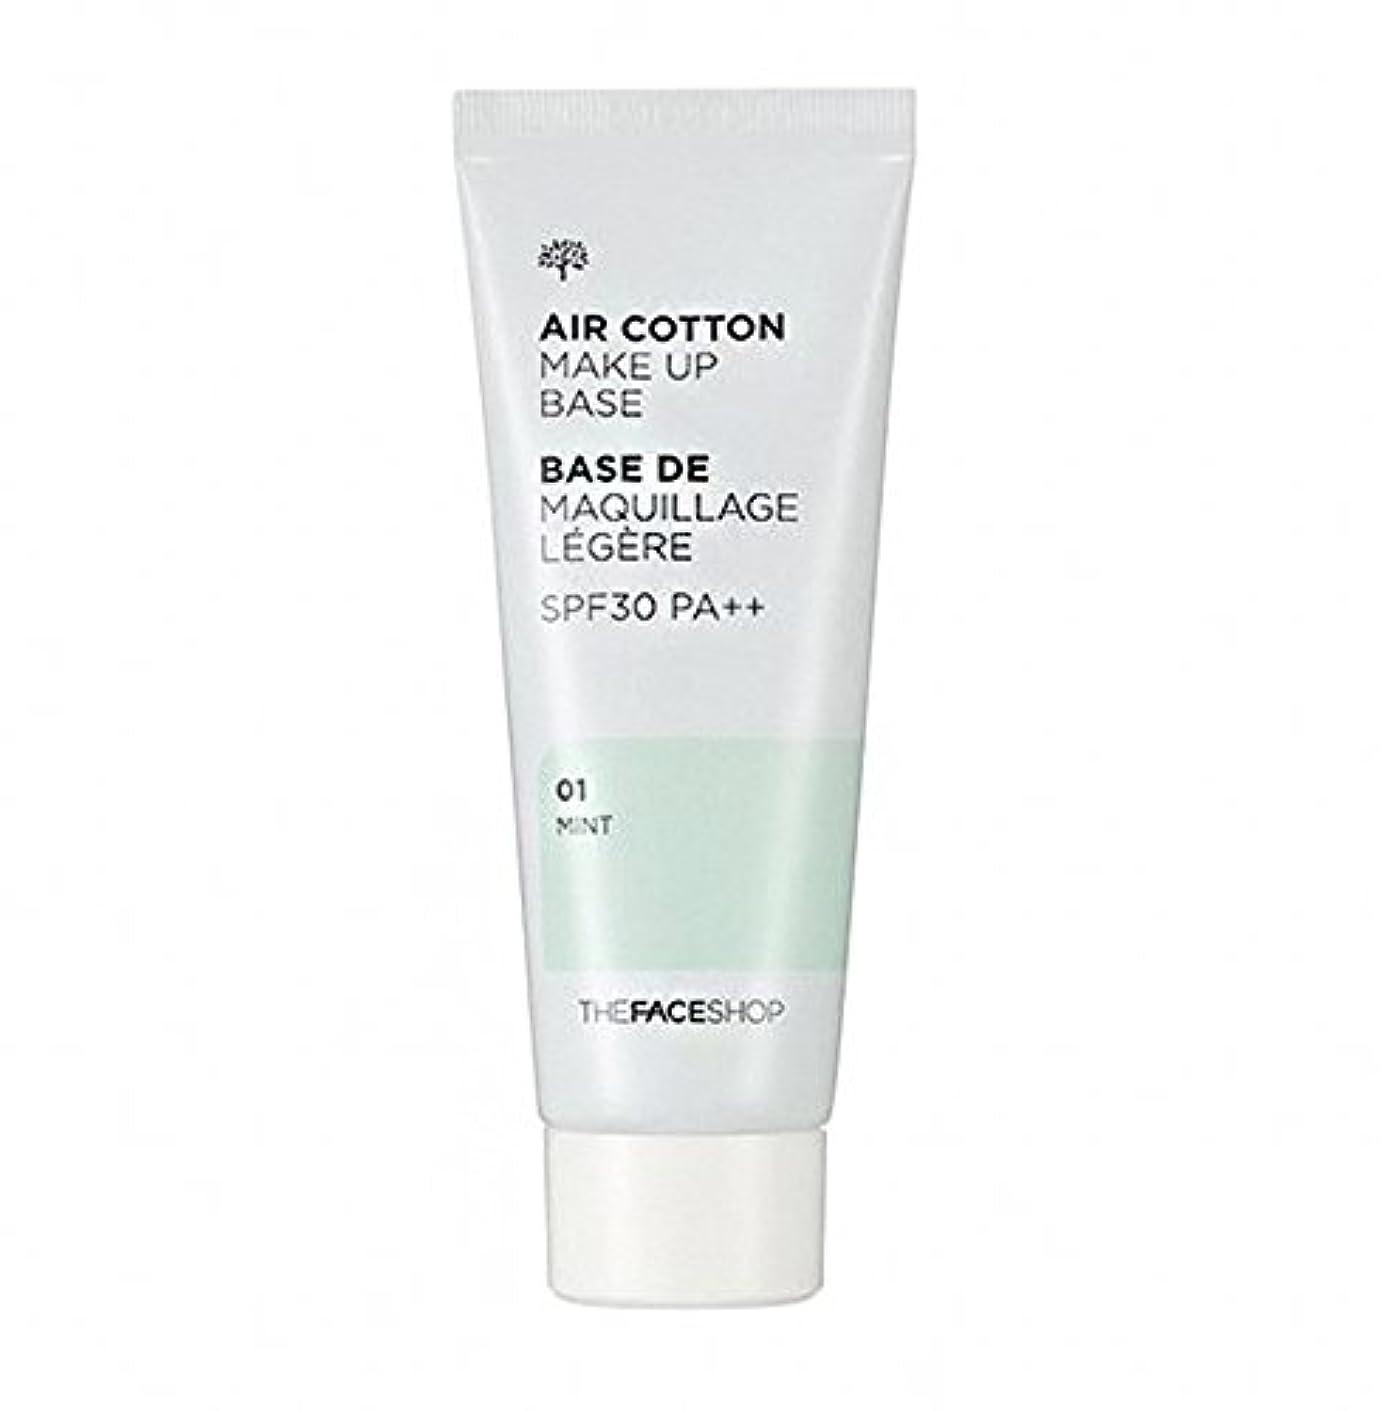 仲人信号こだわりザ·フェイスショップ The Face Shop エアコットン メーキャップ ベース 40ml(01 ミント) The Face Shop air Cotton Makeup Base 40ml(01 Mint) [海外直送品]